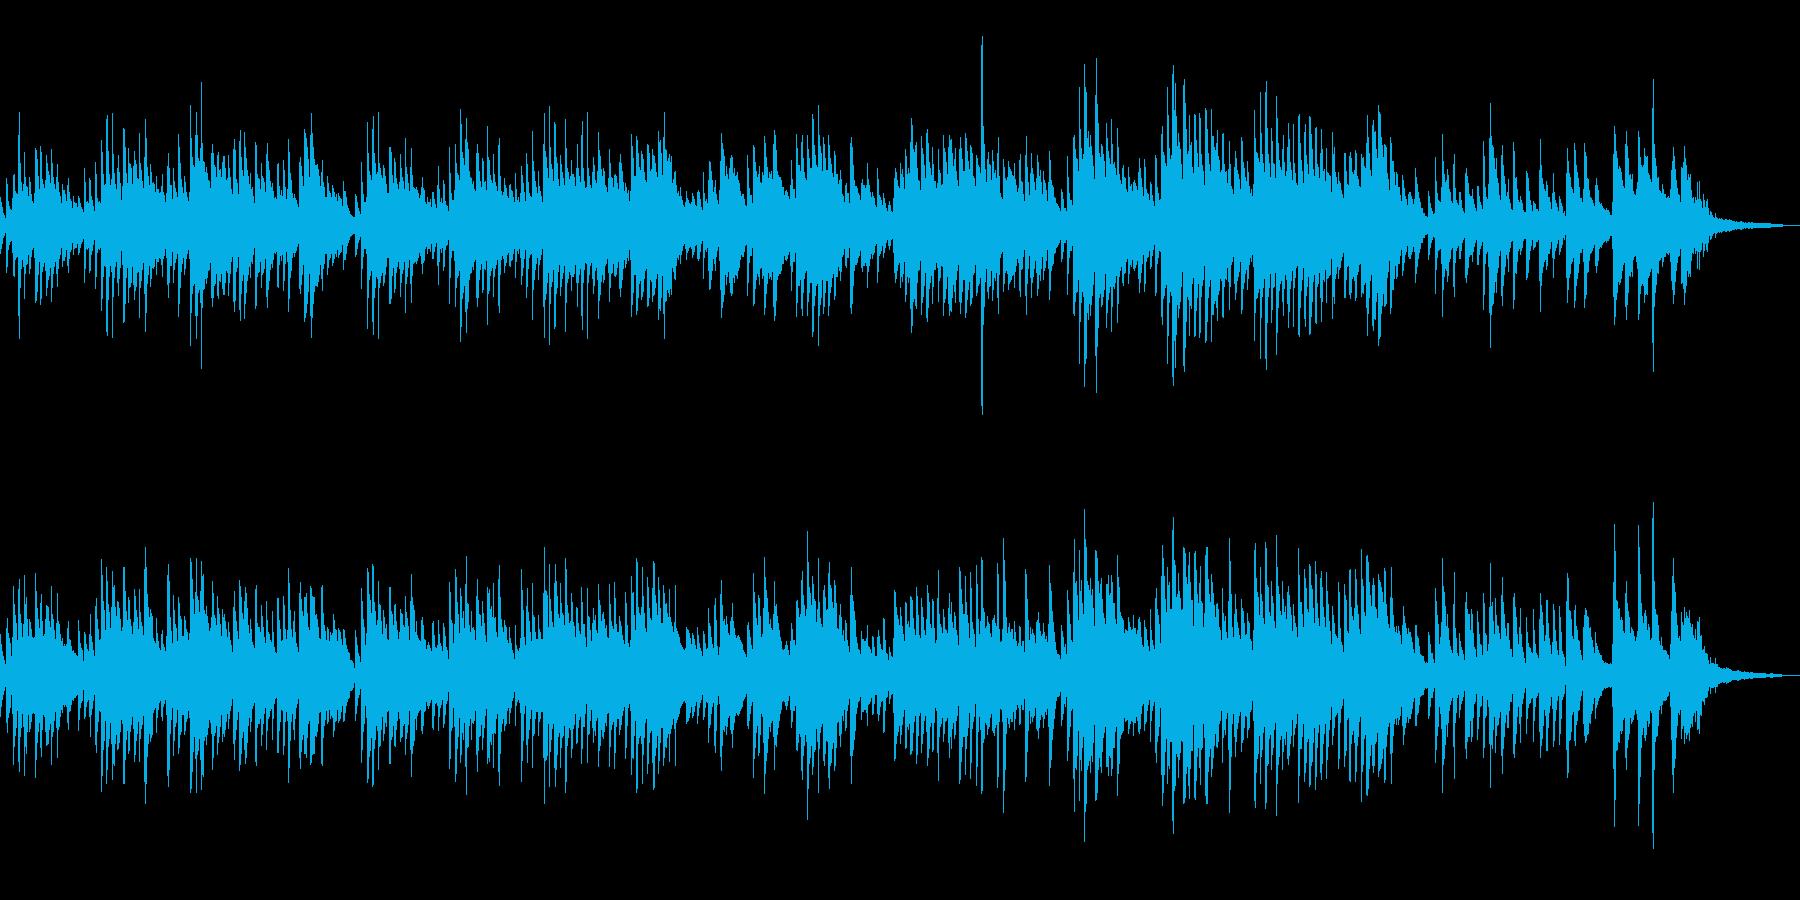 ヒーリング・ソロピアノの哀愁的なメロディの再生済みの波形